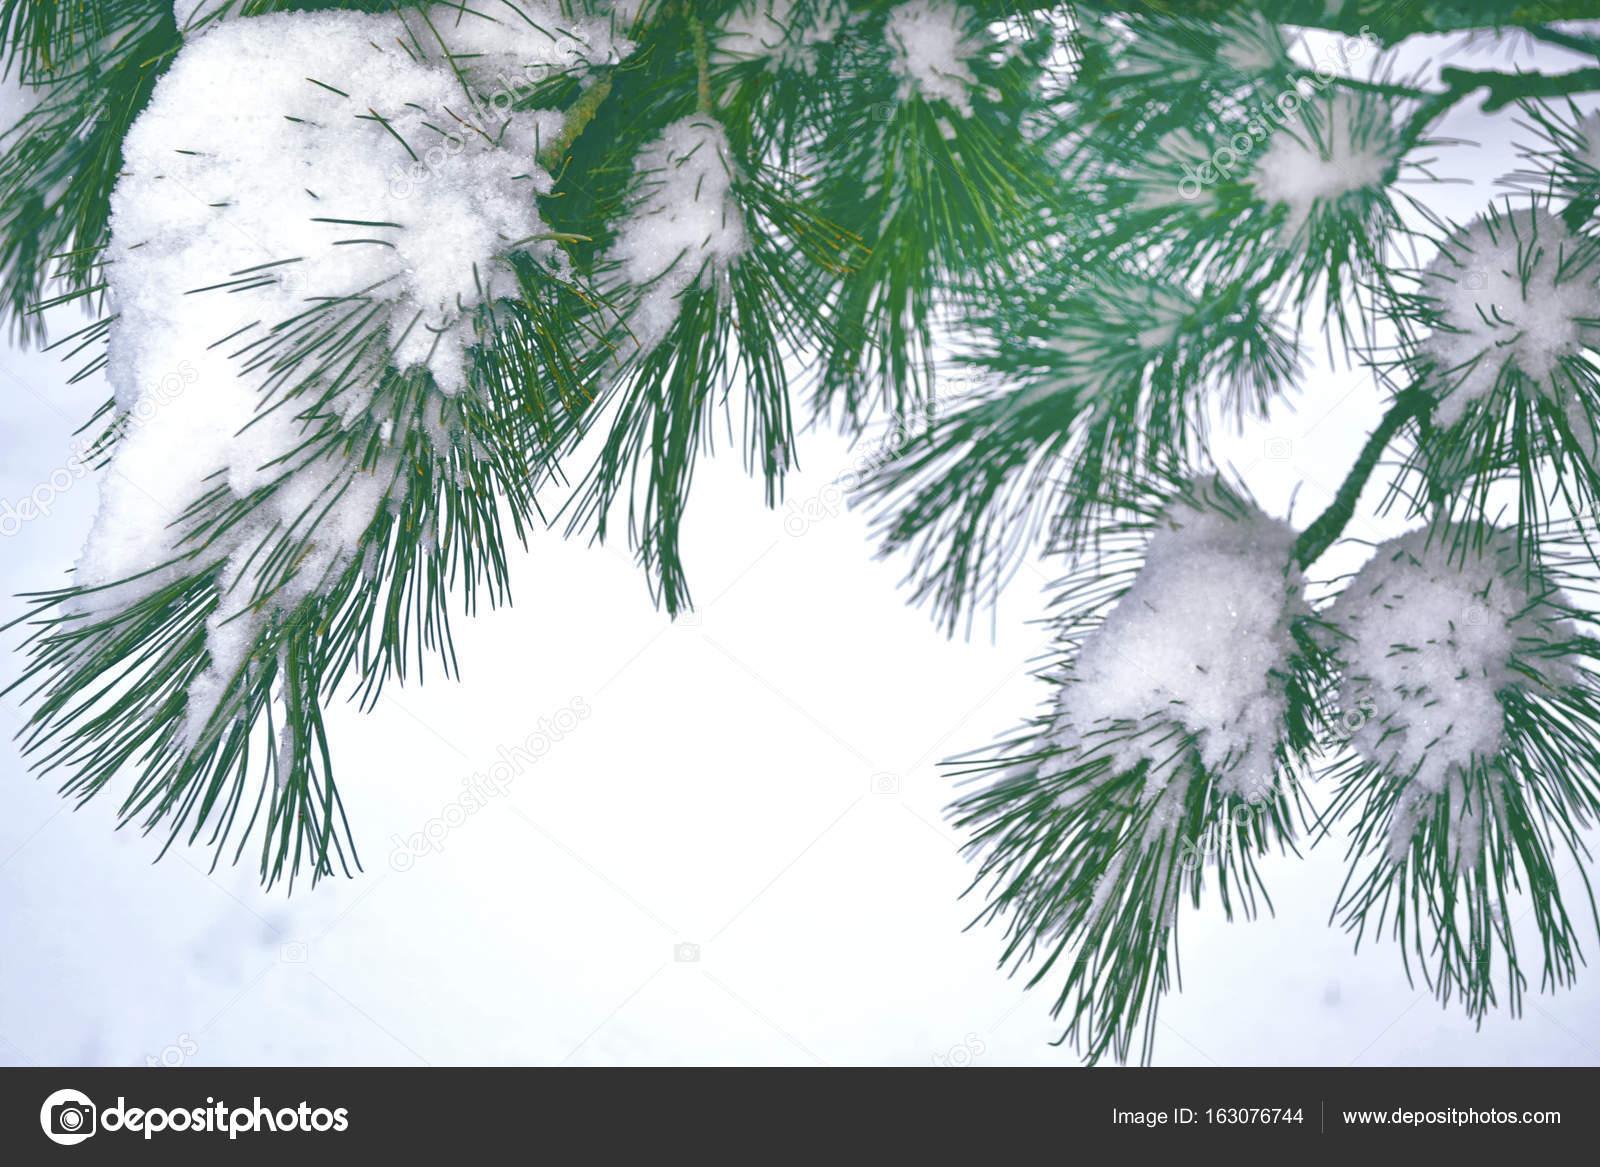 Weihnachten der Hintergrund jedoch unscharf. Bäume im Schnee ...